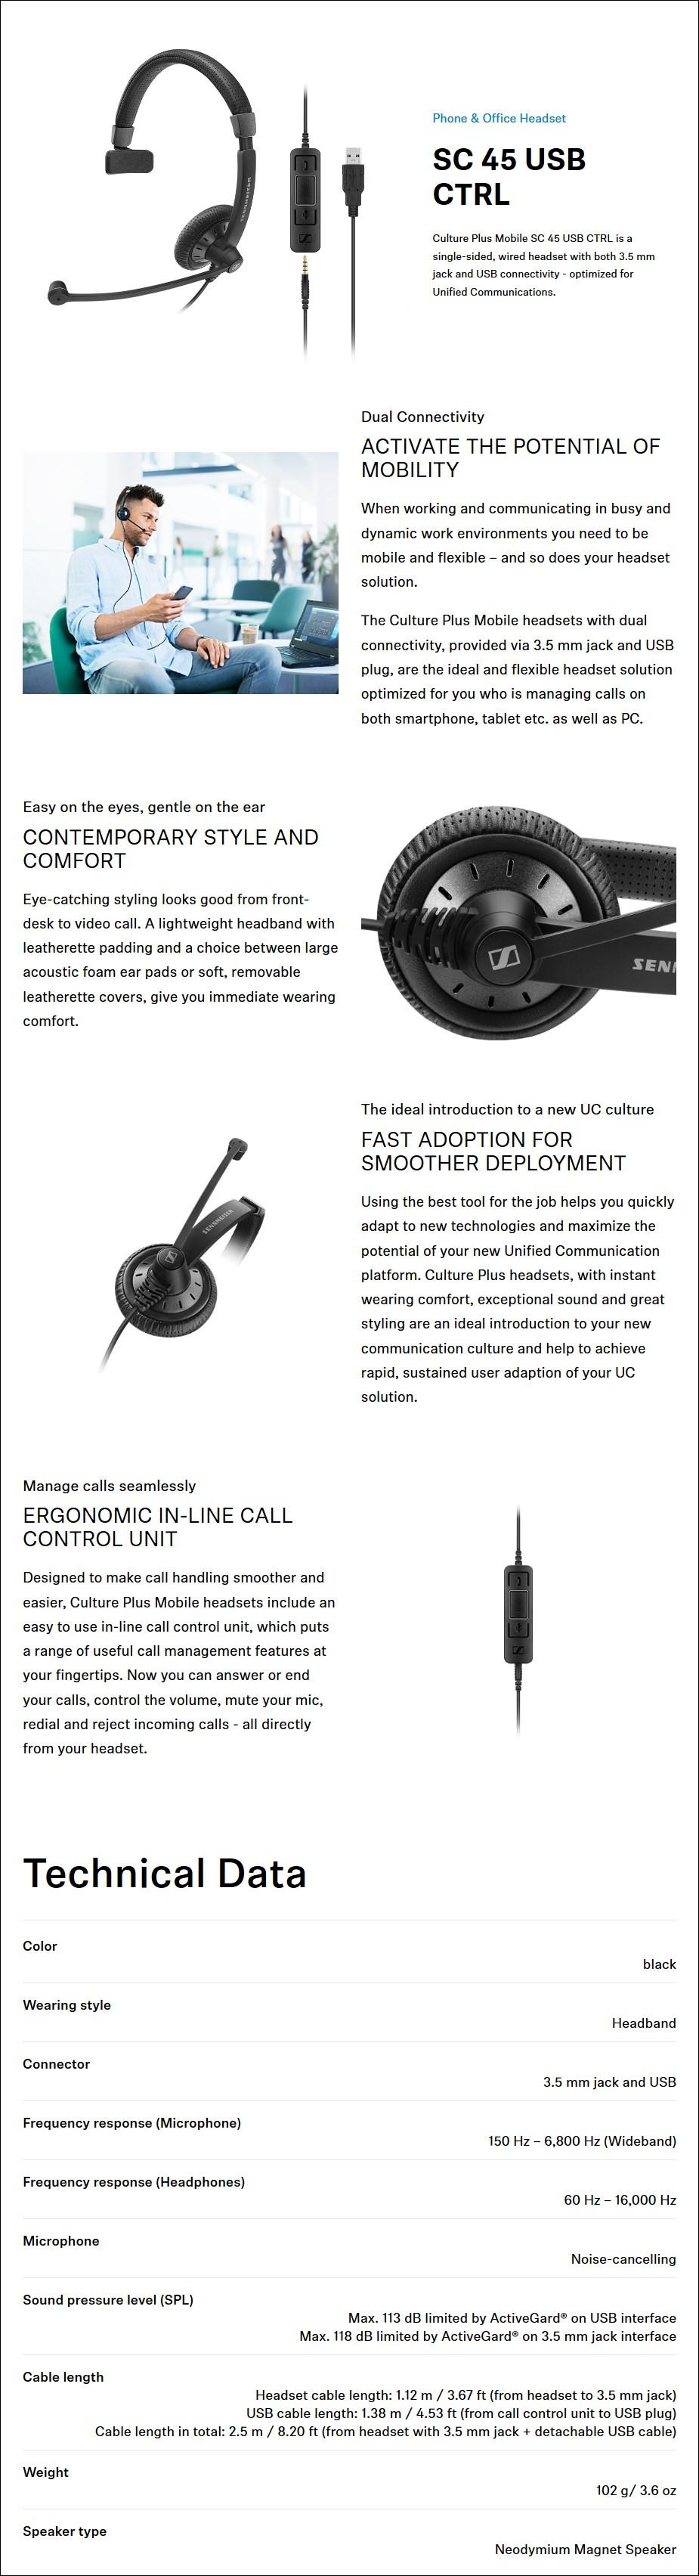 Sennheiser SC 45 USB CTRL Monaural On-Ear Headset - Desktop Overview 1